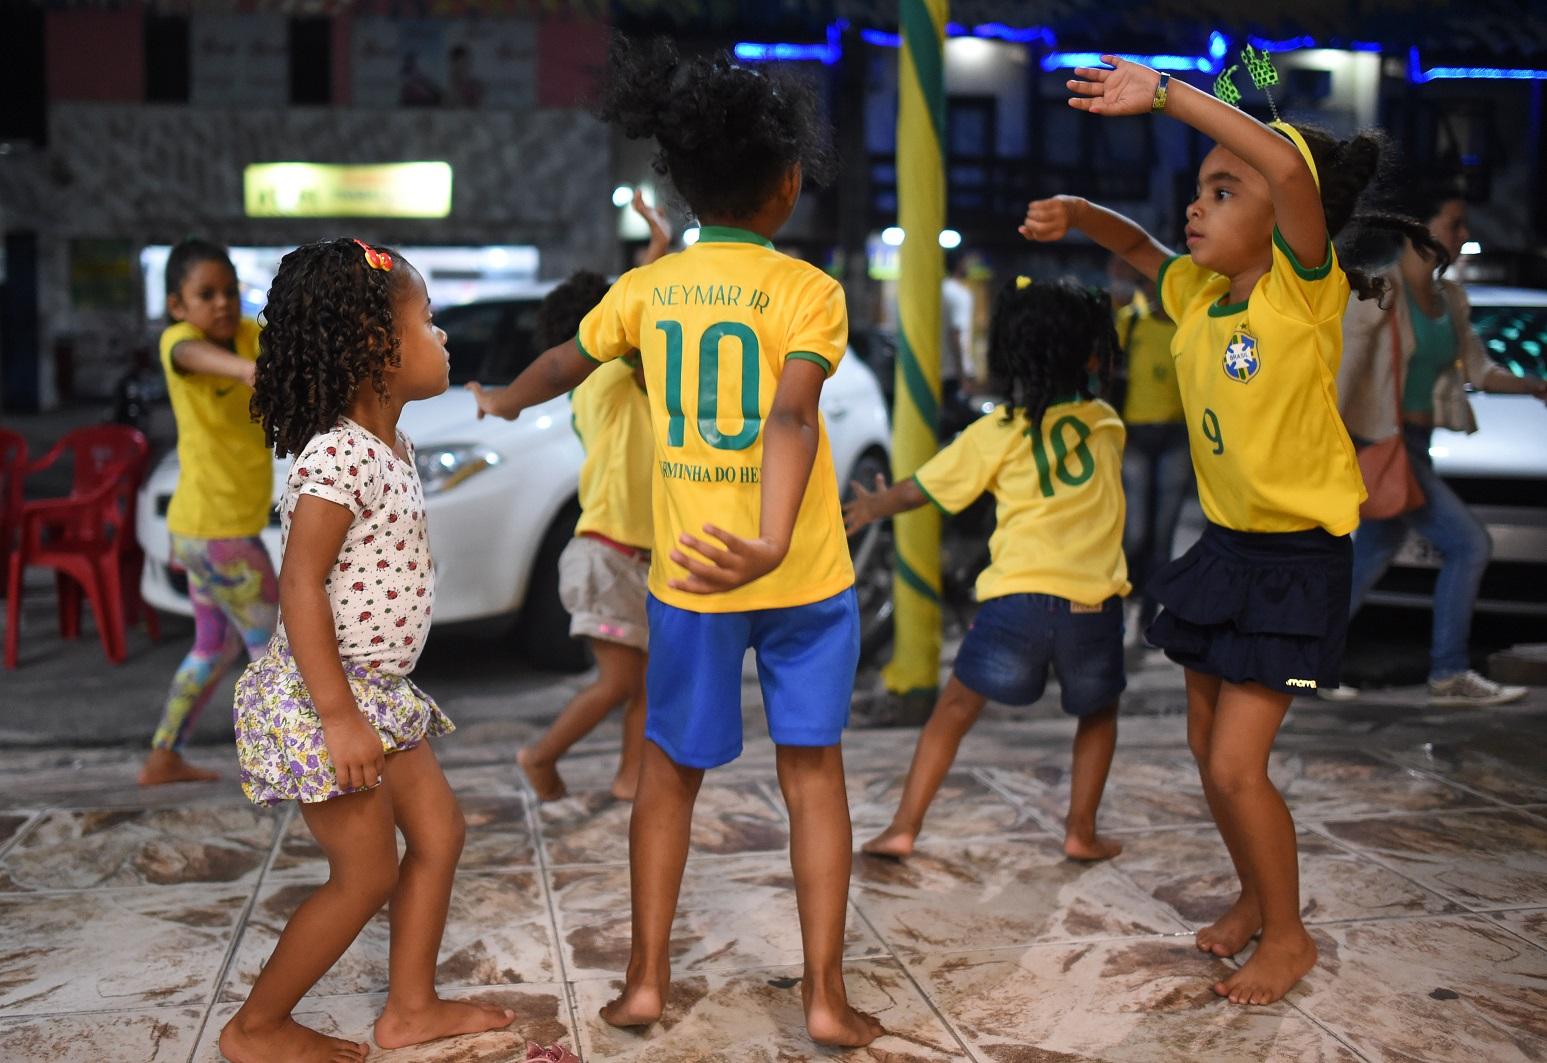 A festa das crianças durante a Copa do Mundo de 2014, em Porto Seguro, na Bahia. Foto Andreas Gebert/DPA